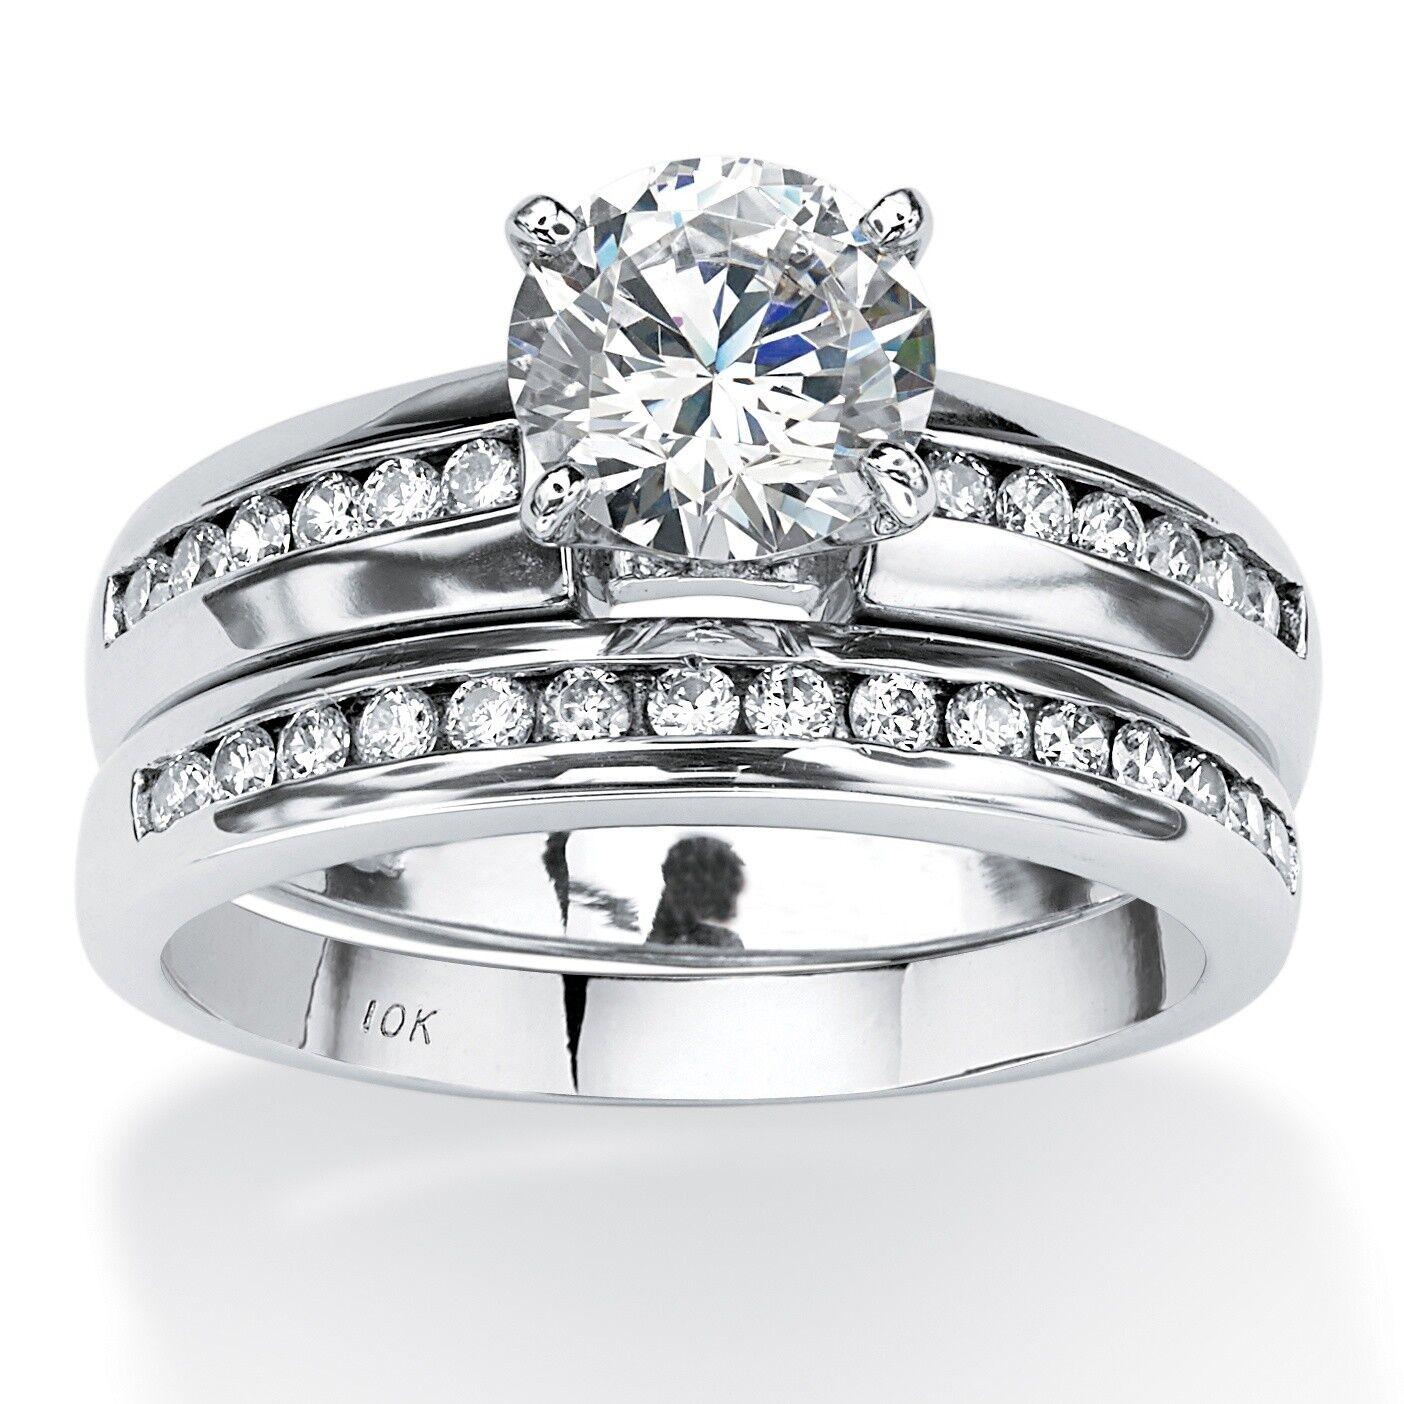 WEDDING ENGAGEMENT ROUND CZ HALO 10K WHITE gold RING  6 7 8 9 10